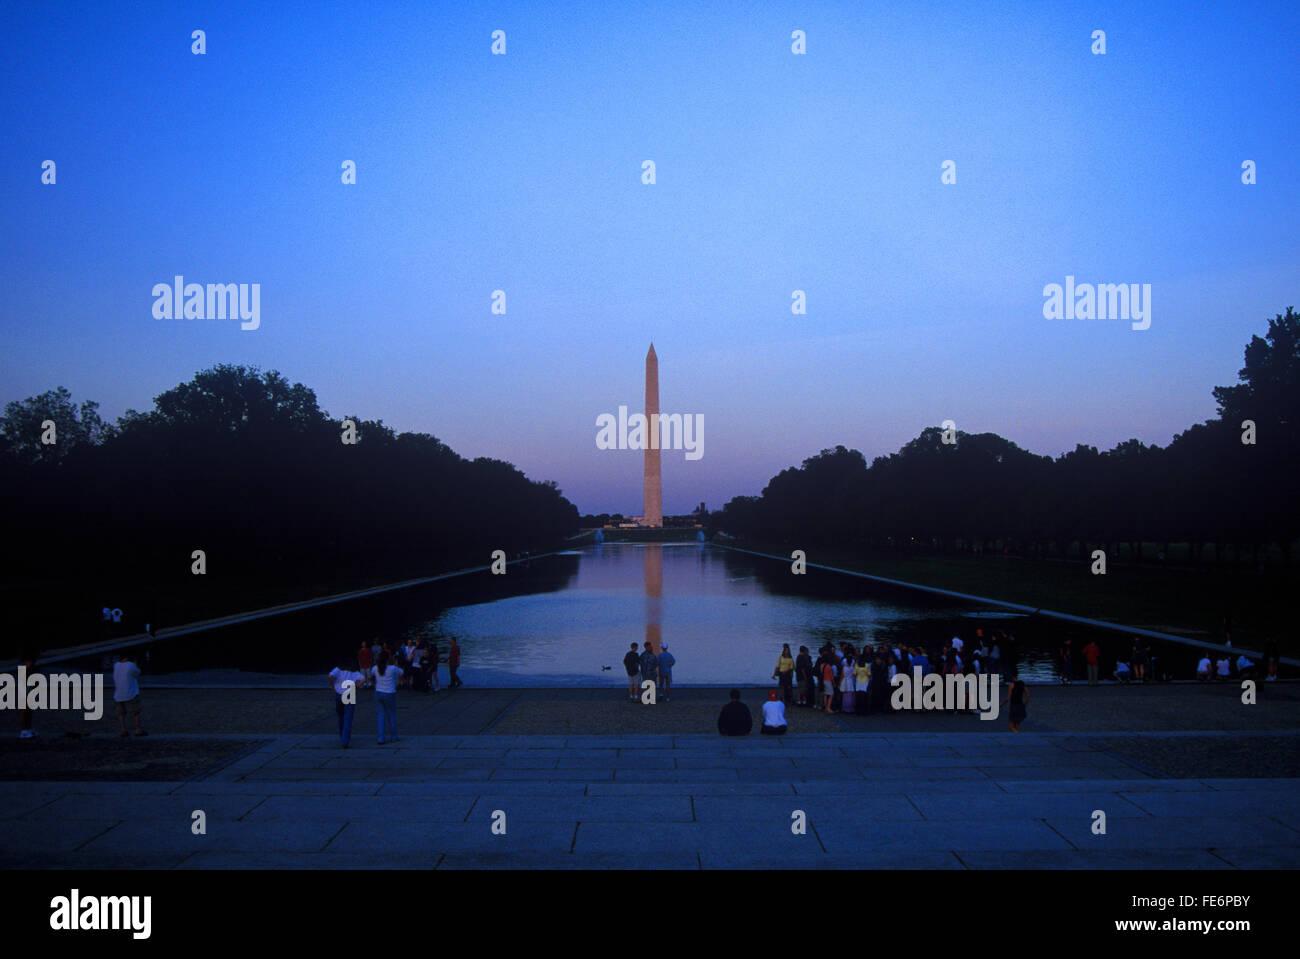 Fernblick auf Washington Monument gegen klaren Himmel in der Abenddämmerung Stockbild